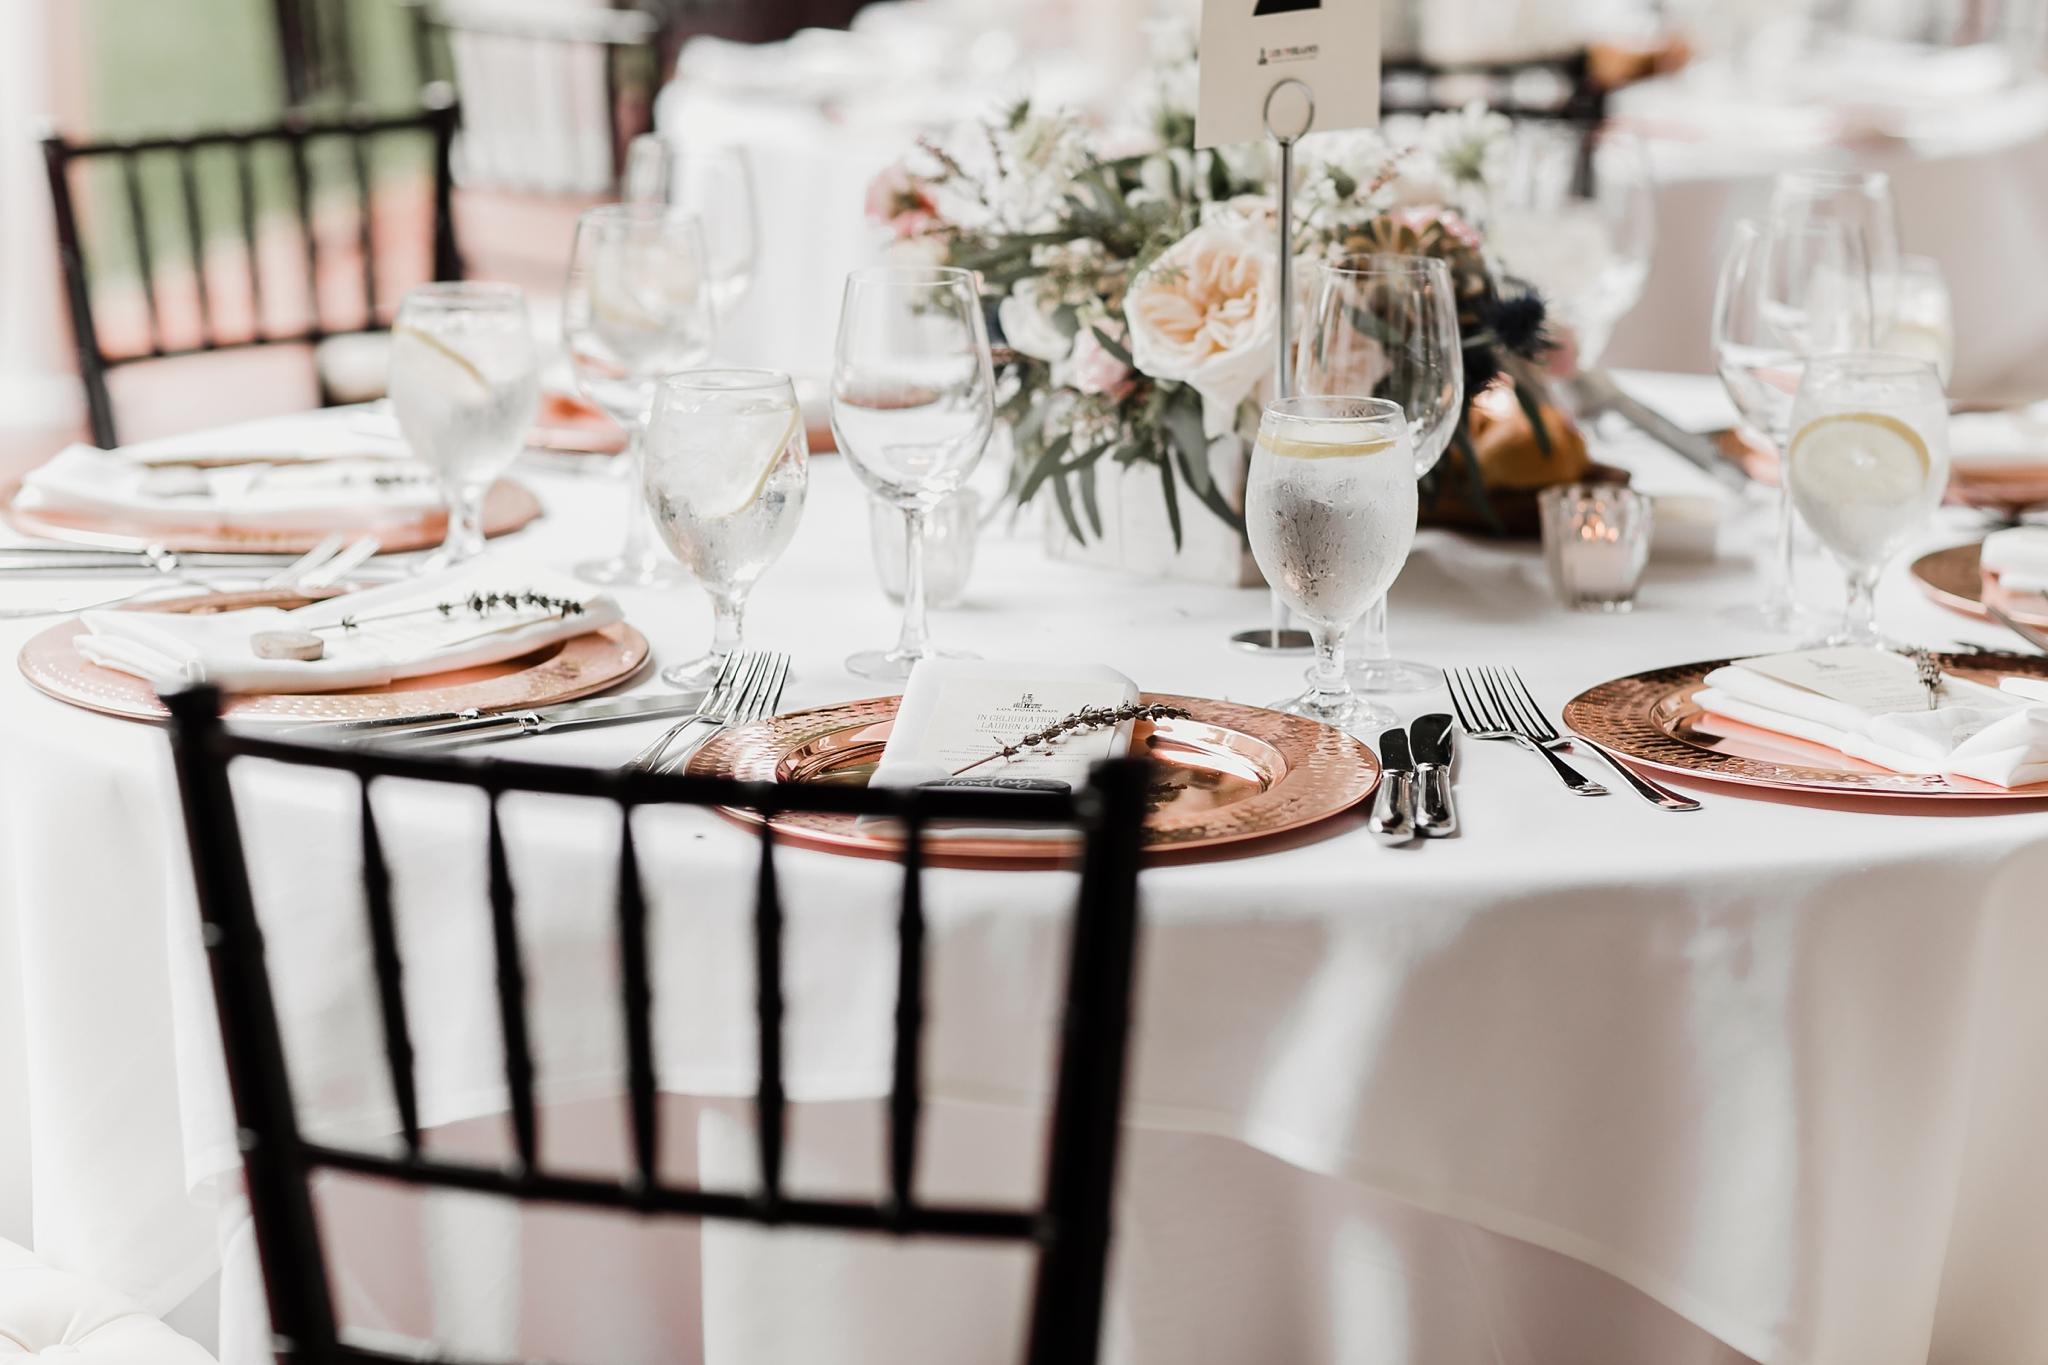 Alicia+lucia+photography+-+albuquerque+wedding+photographer+-+santa+fe+wedding+photography+-+new+mexico+wedding+photographer+-+new+mexico+wedding+-+summer+wedding+-+los+poblanos+wedding+-+albuquerque+wedding_0085.jpg